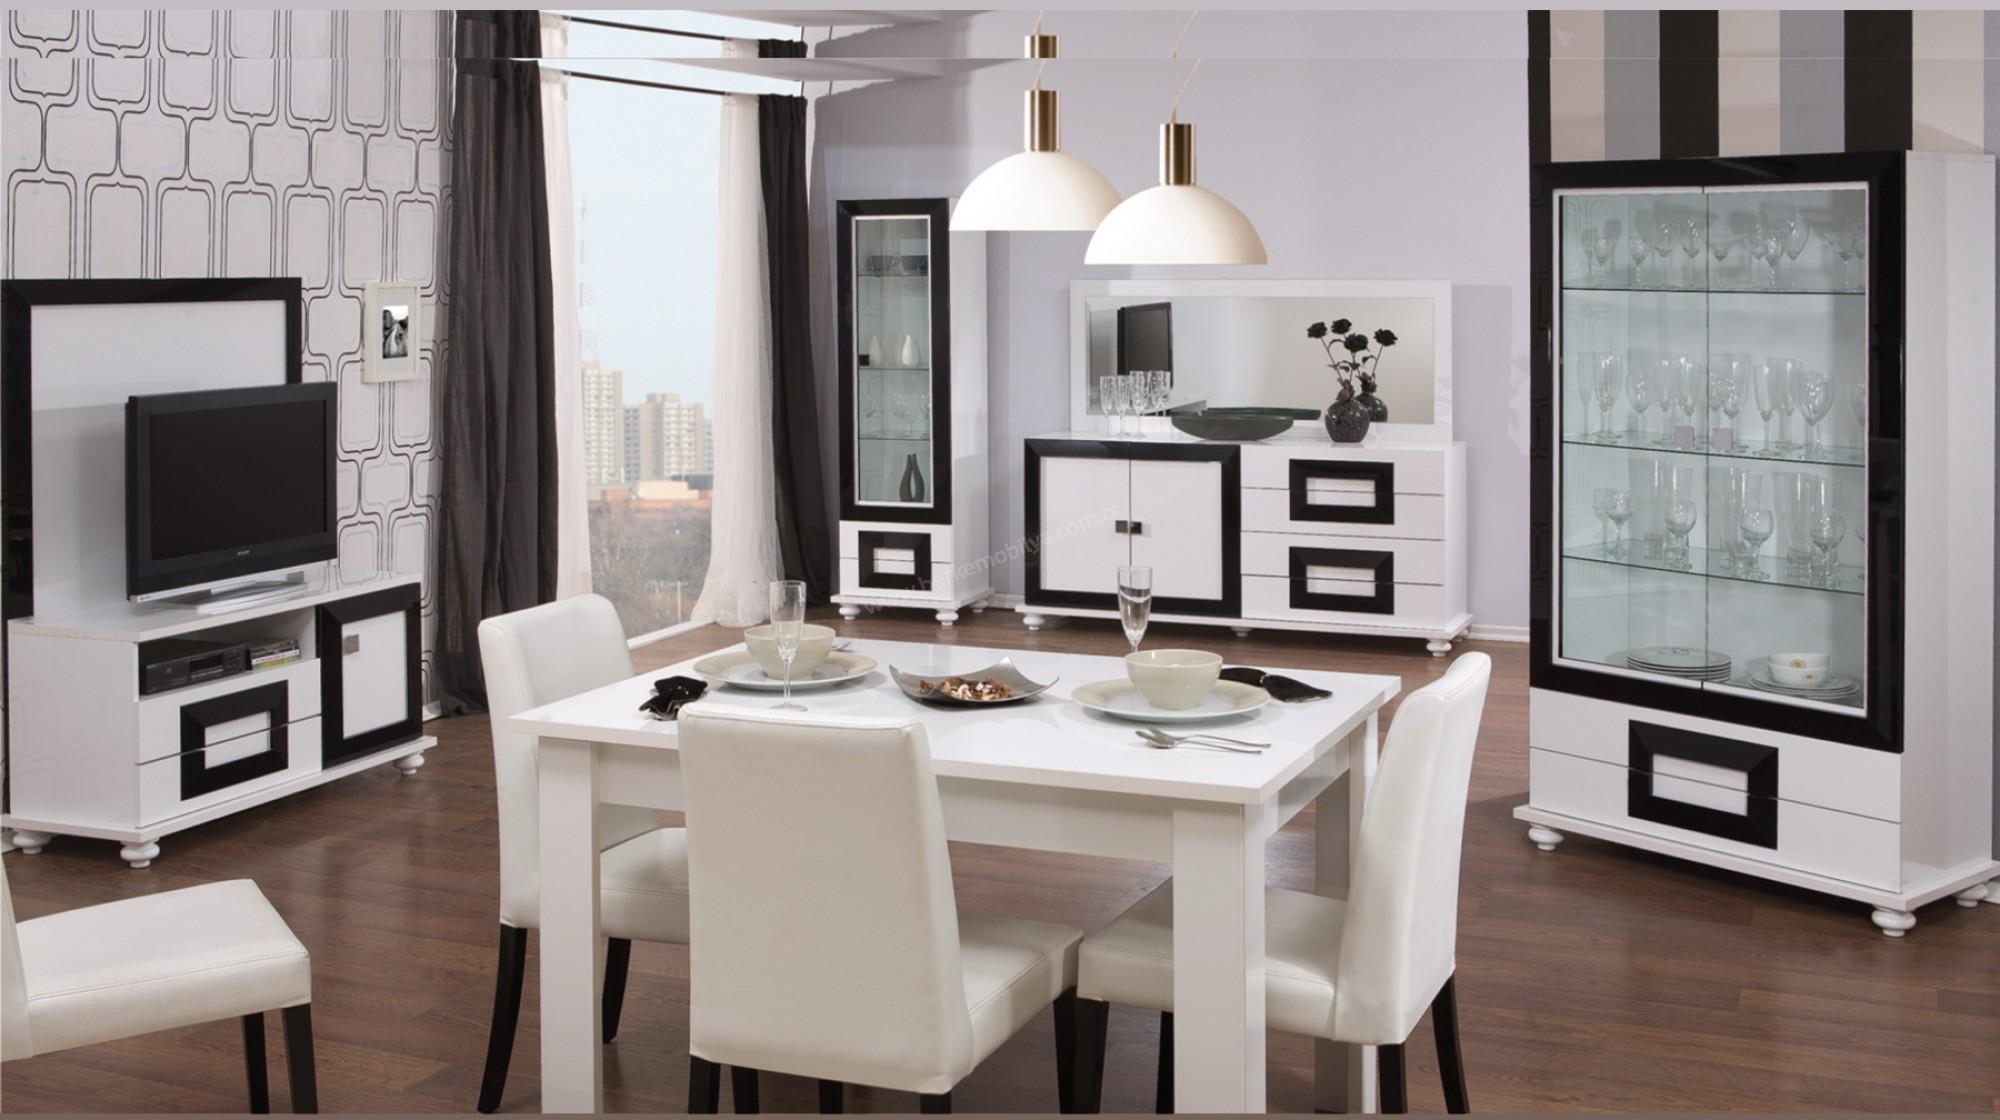 Ana sayfa atlantis yemek odası takımı beyaz